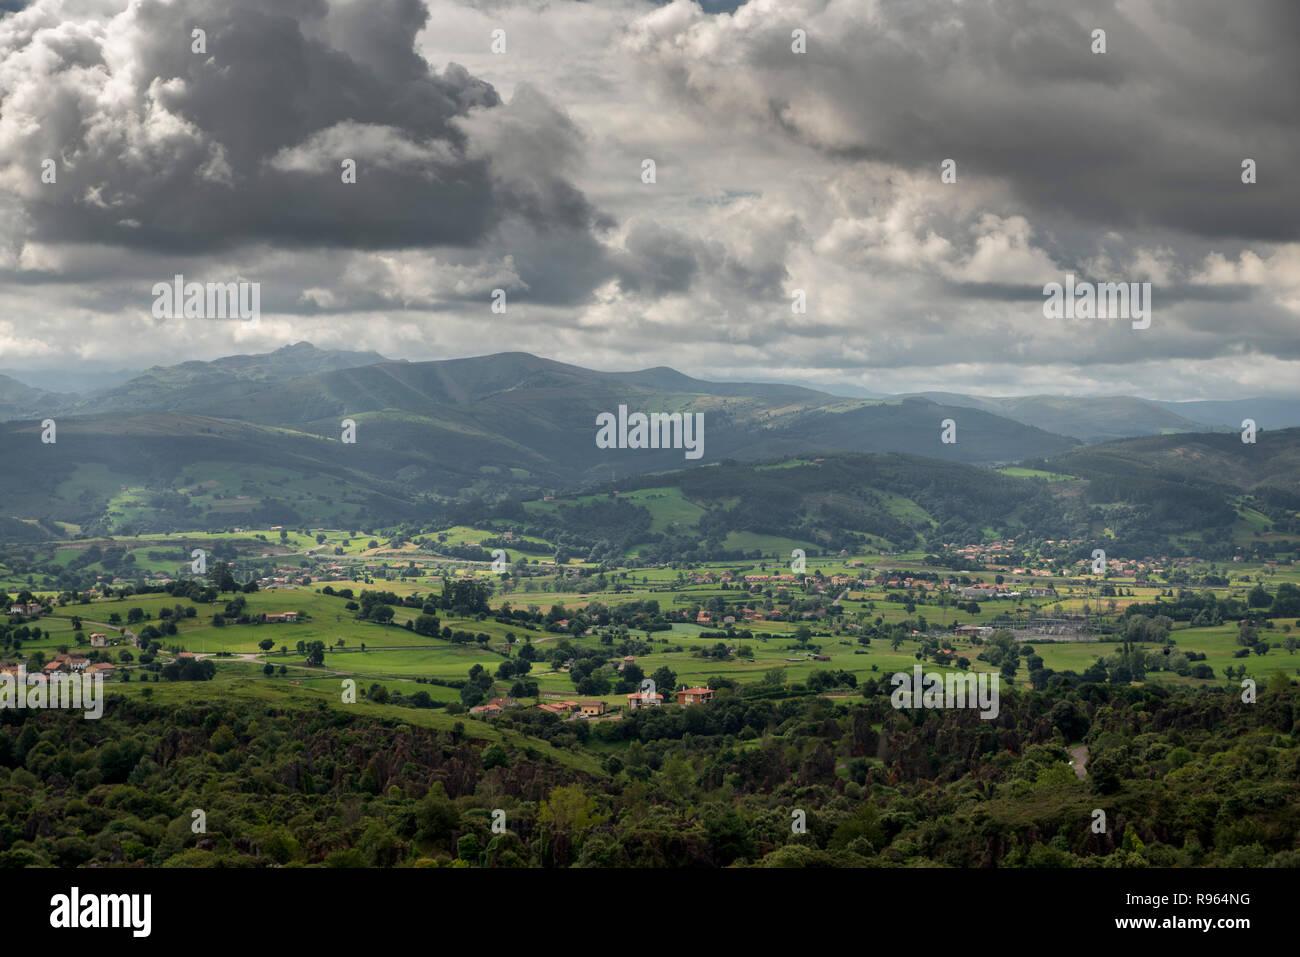 Parque de Cabárceno (Cantabria - Spain) - Stock Image